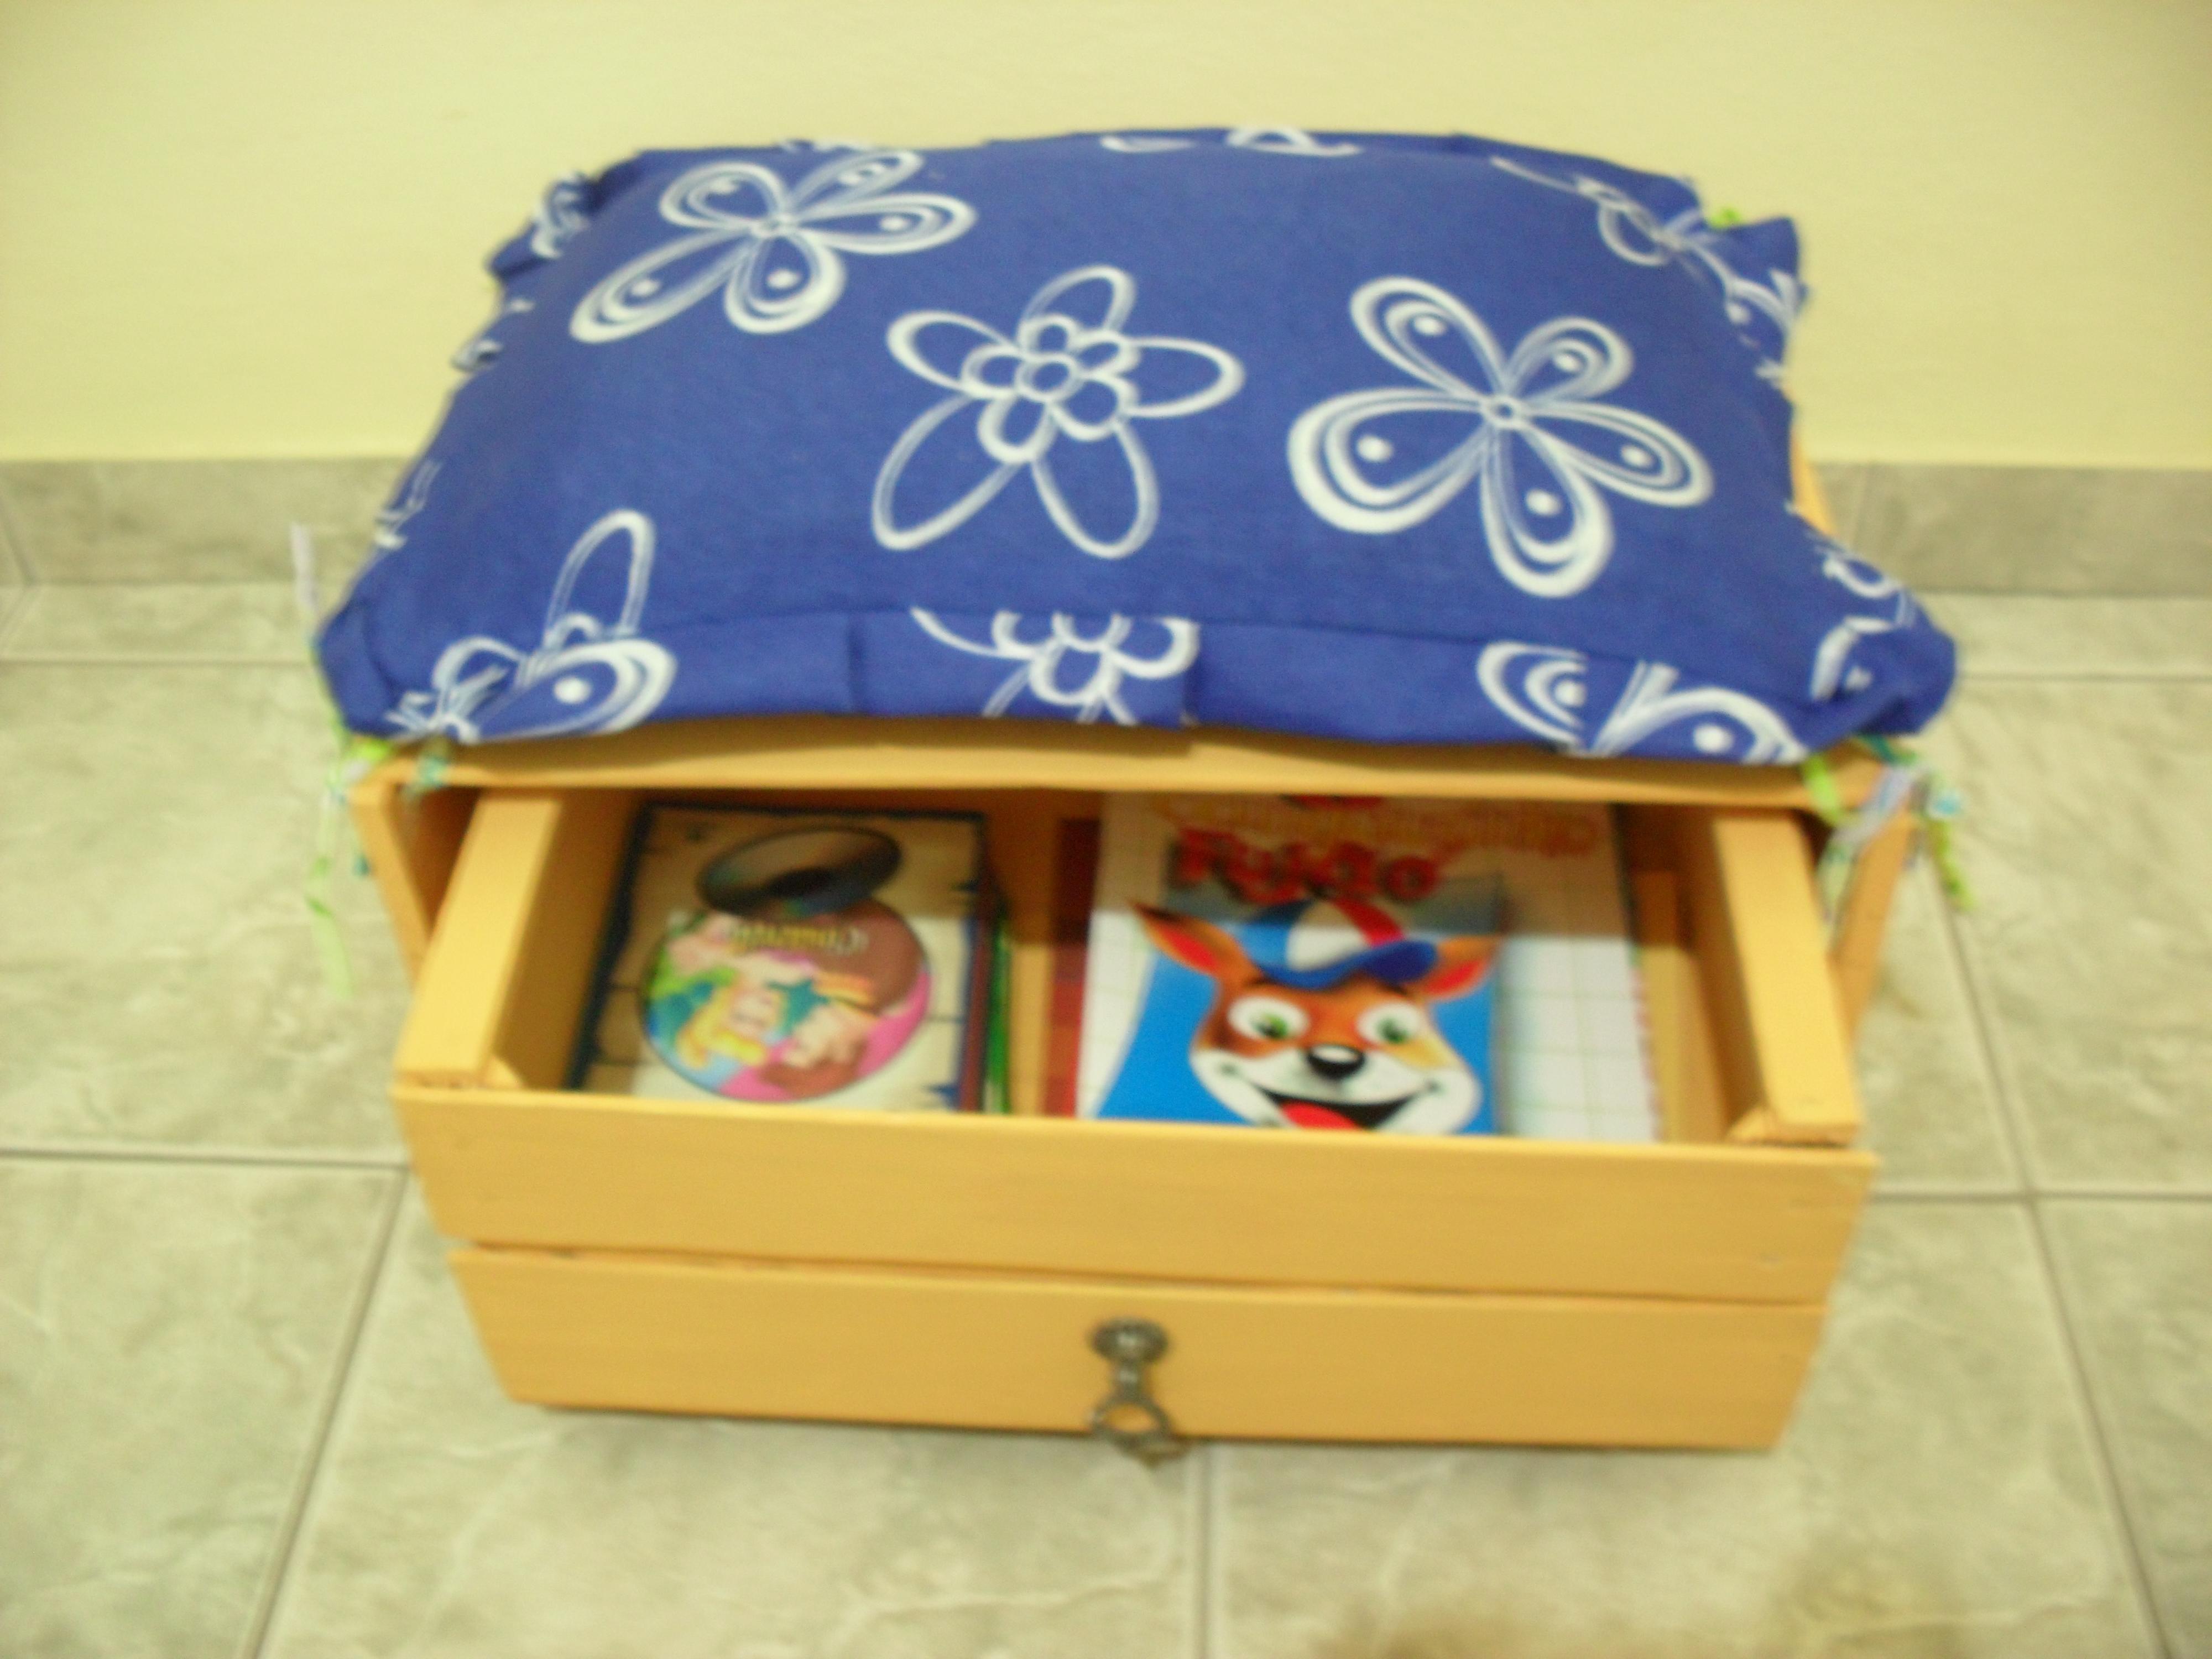 Banquinho de leitura de caixa de madeira reciclável Historiarte  #6F3B10 4000x3000